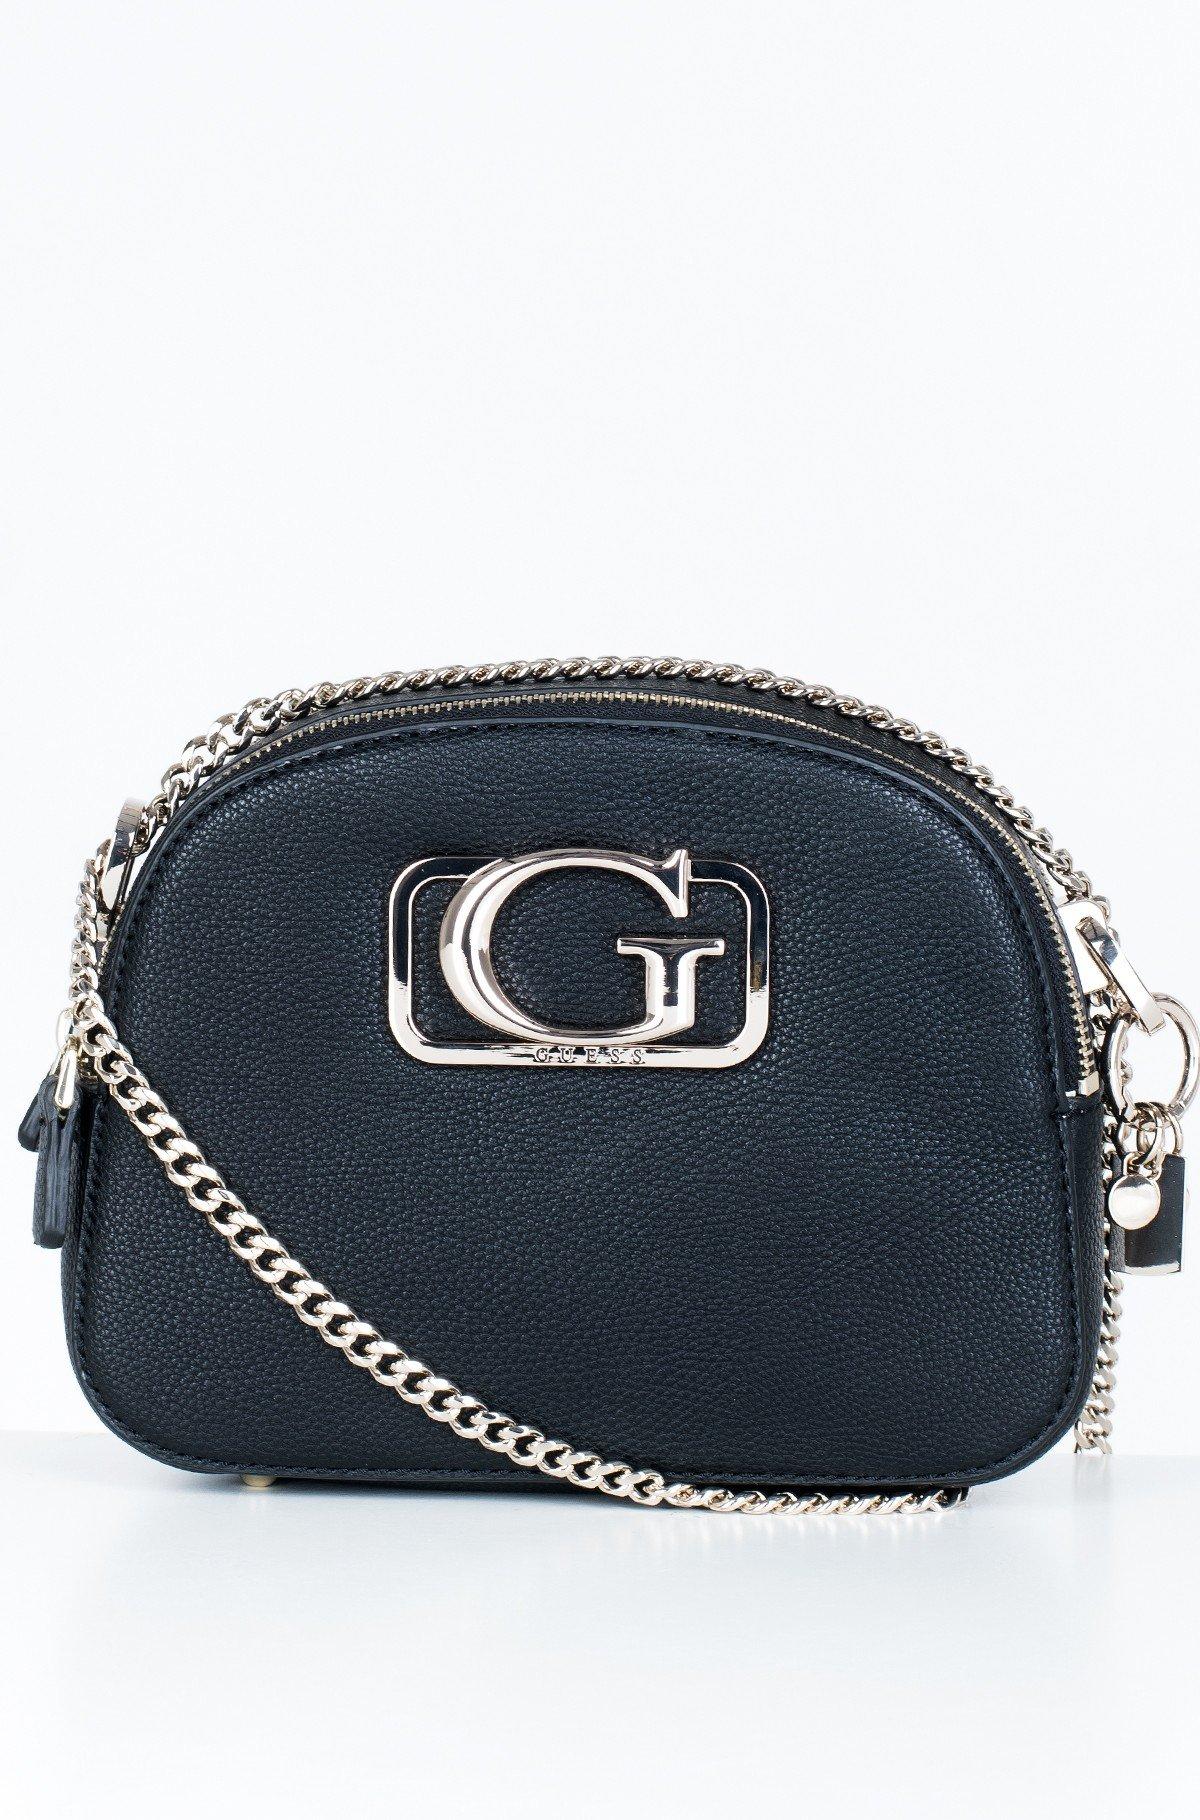 Shoulder bag HWVG75 83140-full-2